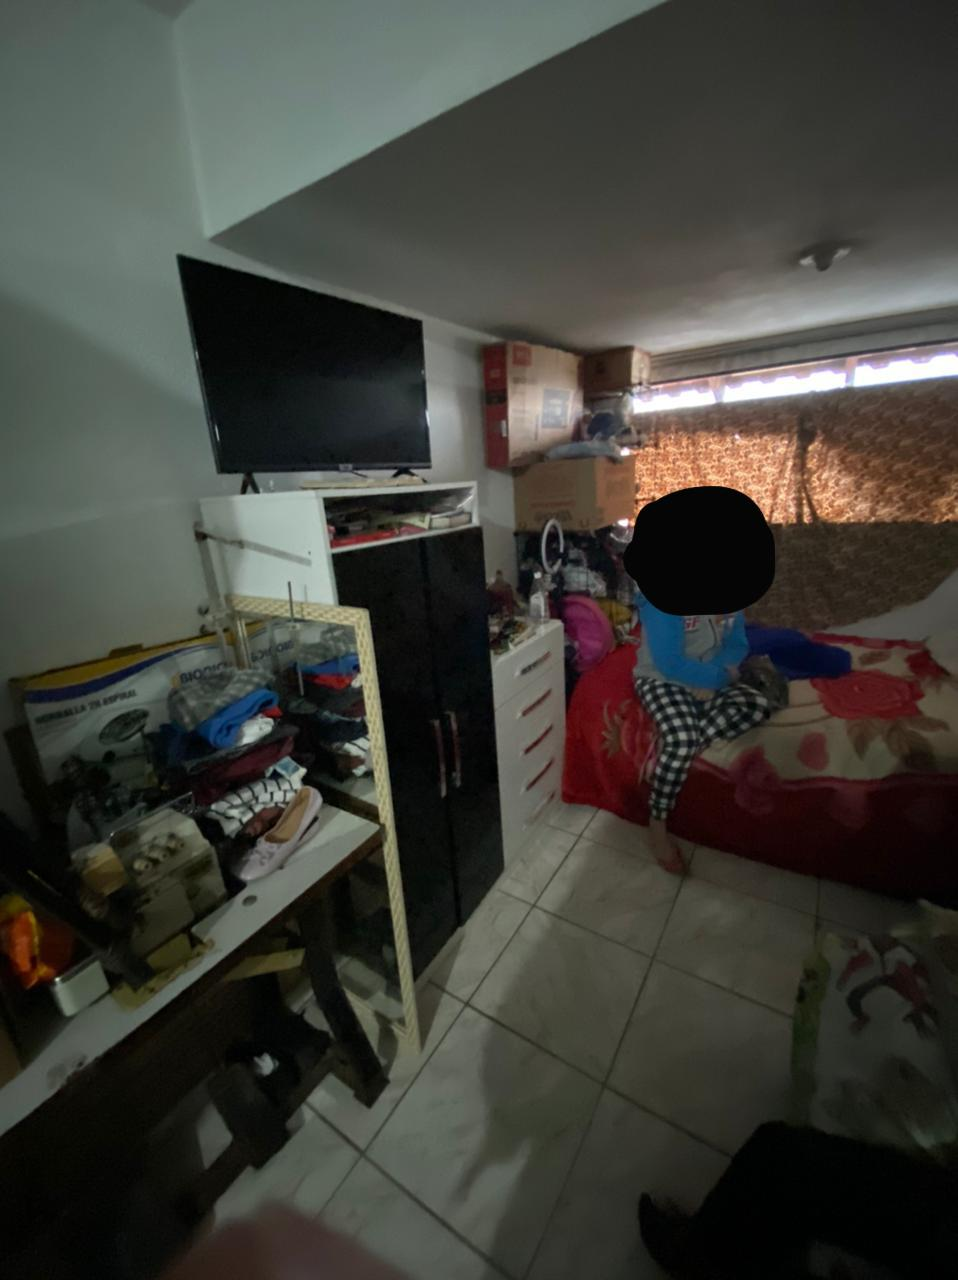 Quatro irmãos desaparecidos há seis meses são encontrados em SC - Divulgação/Polícia Civil